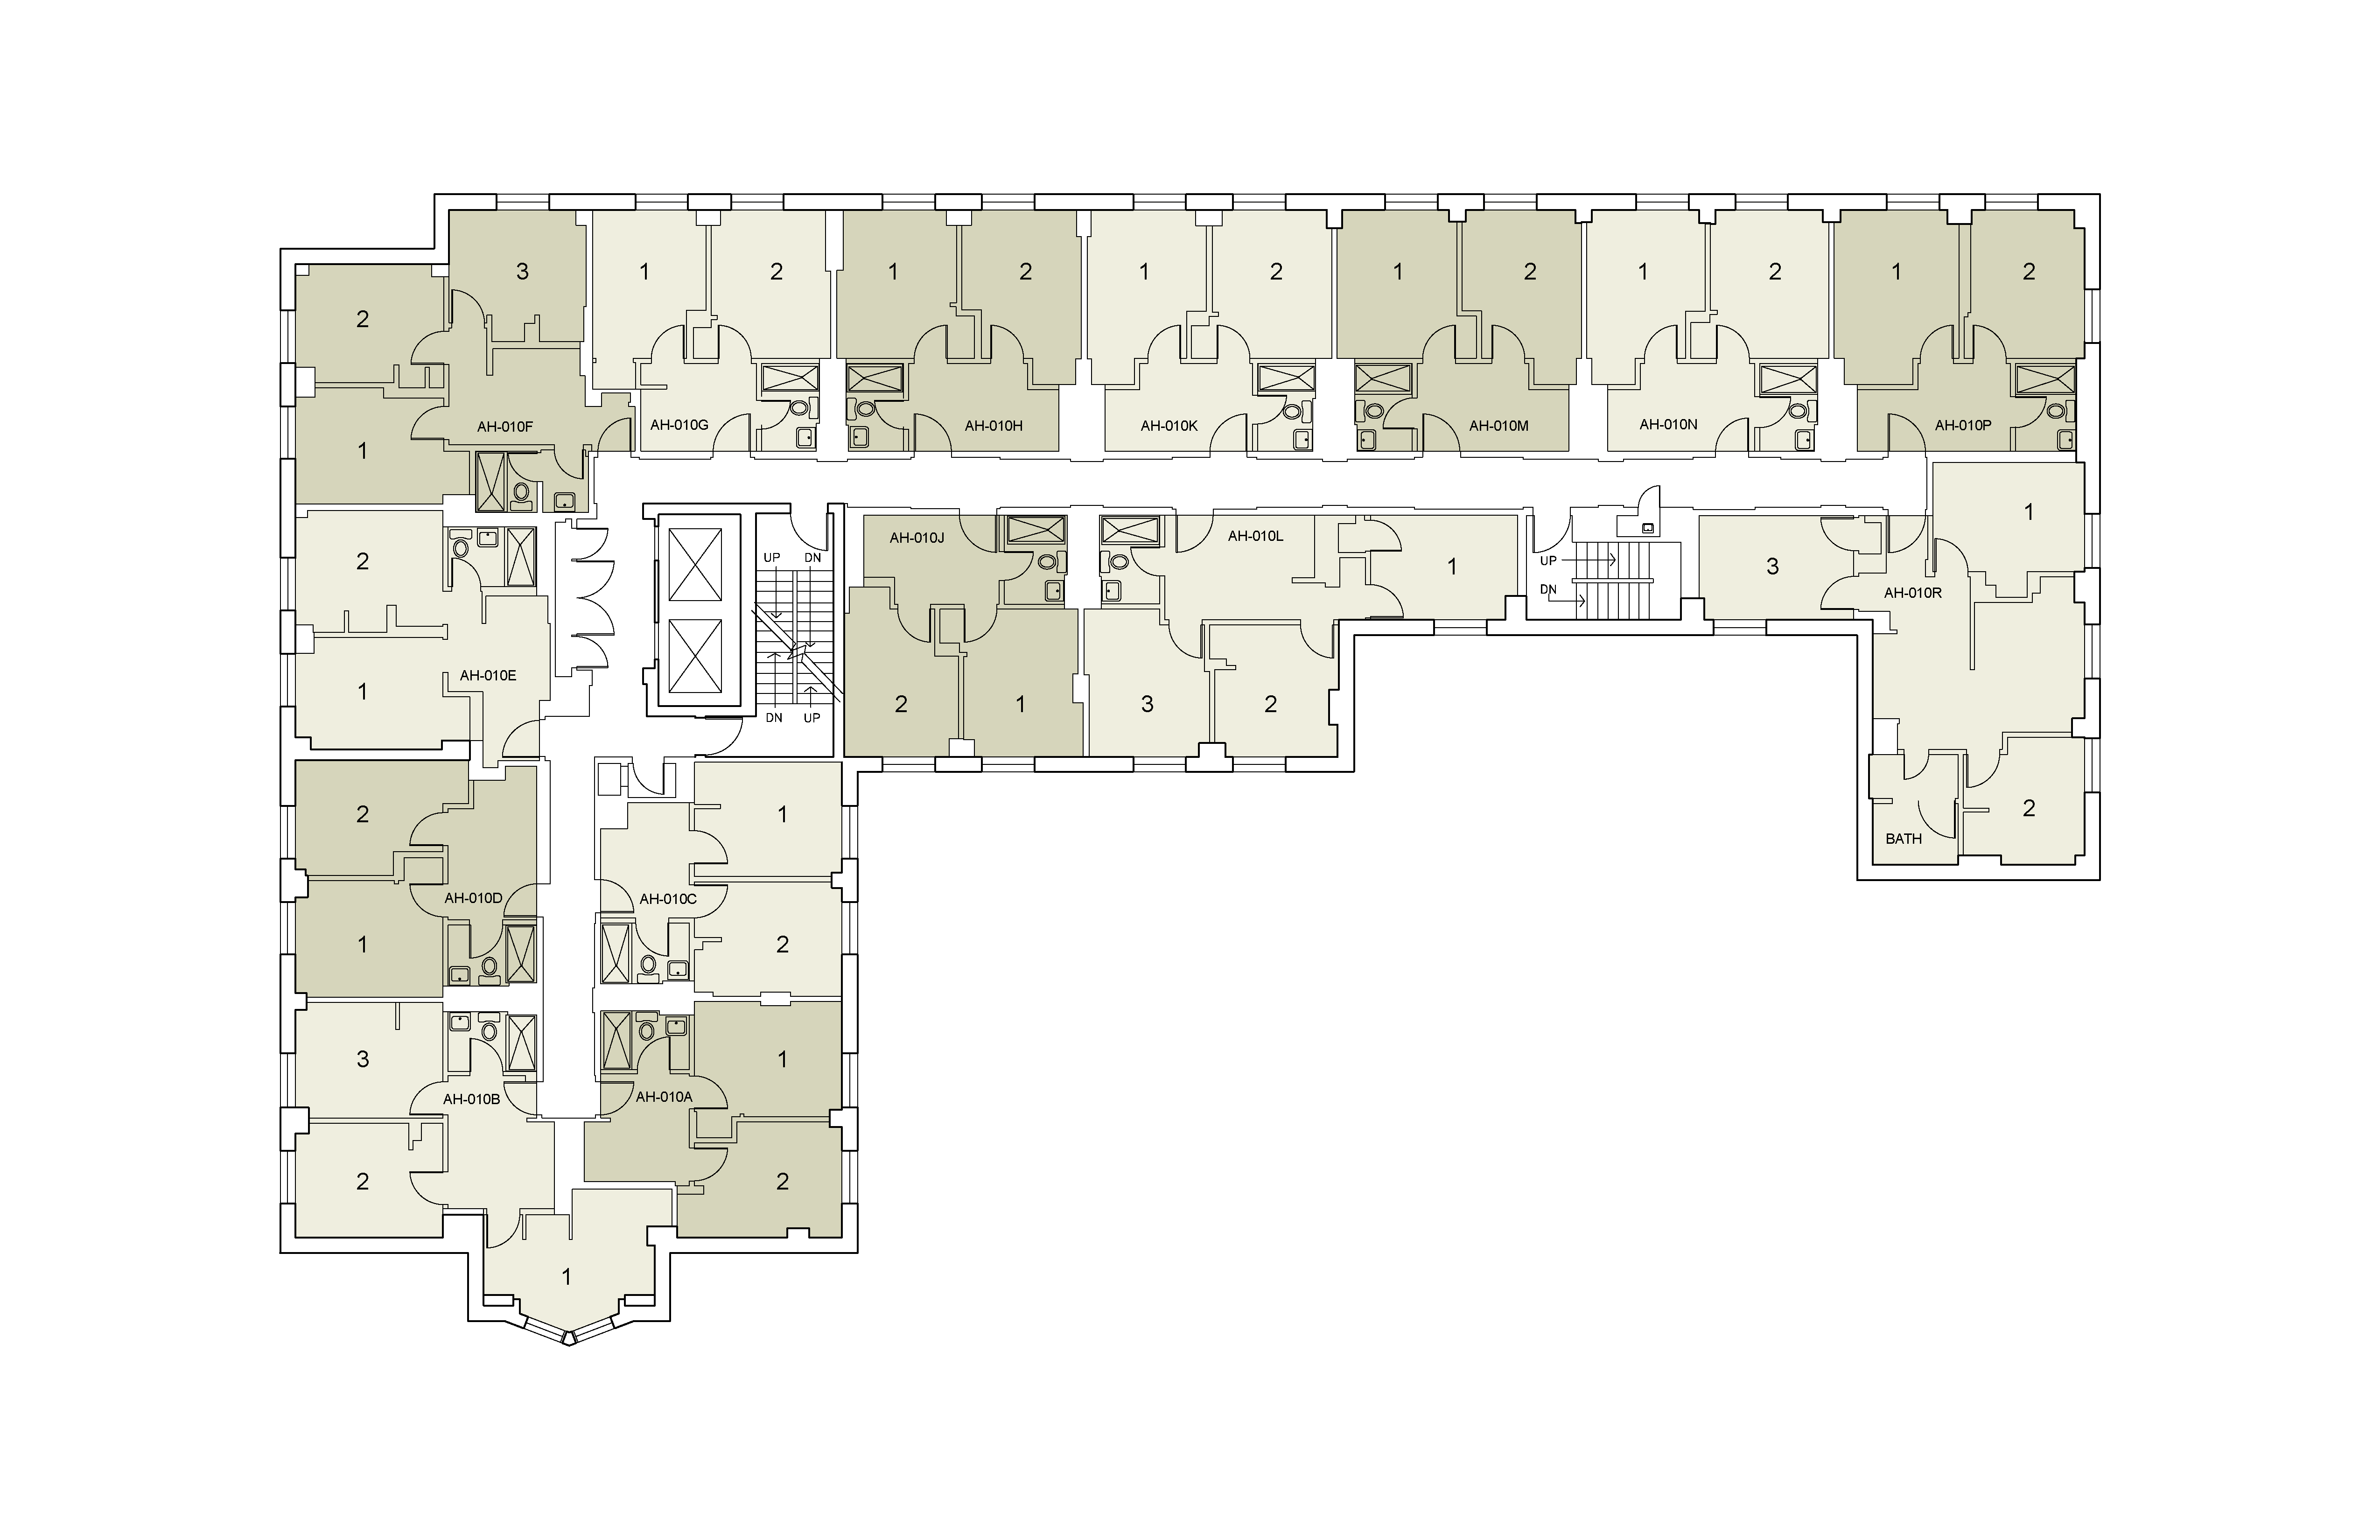 Floor plan for Alumni Floor 10